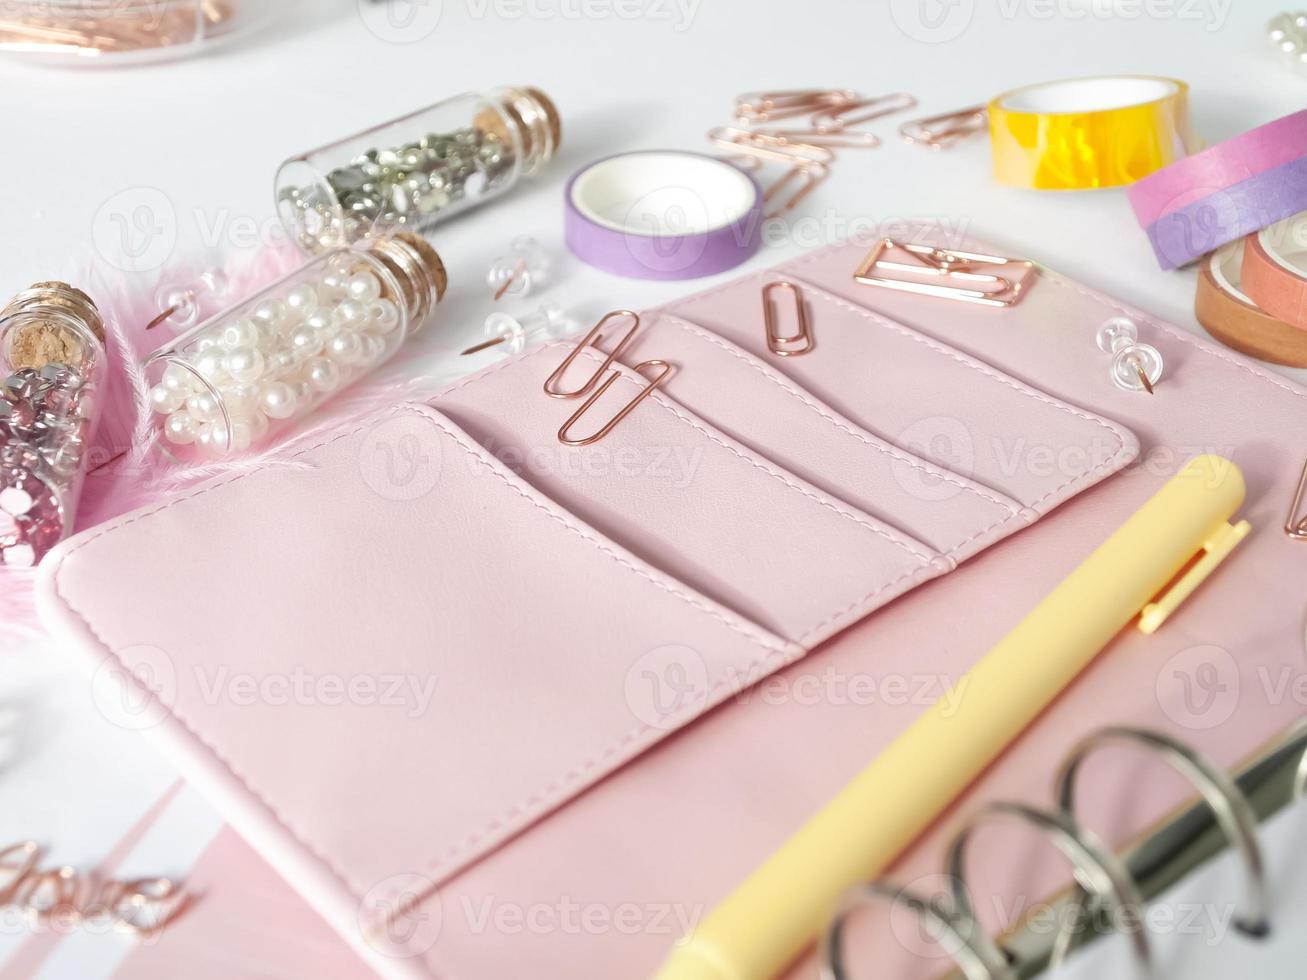 roséguld planerare brevpapper. planerare med vackra tillbehörspennor, knappar, stift och färgad tejp. gul penna och rosa planerare på en vit bakgrund. rystaler i glasflaskor bredvid planeraren foto